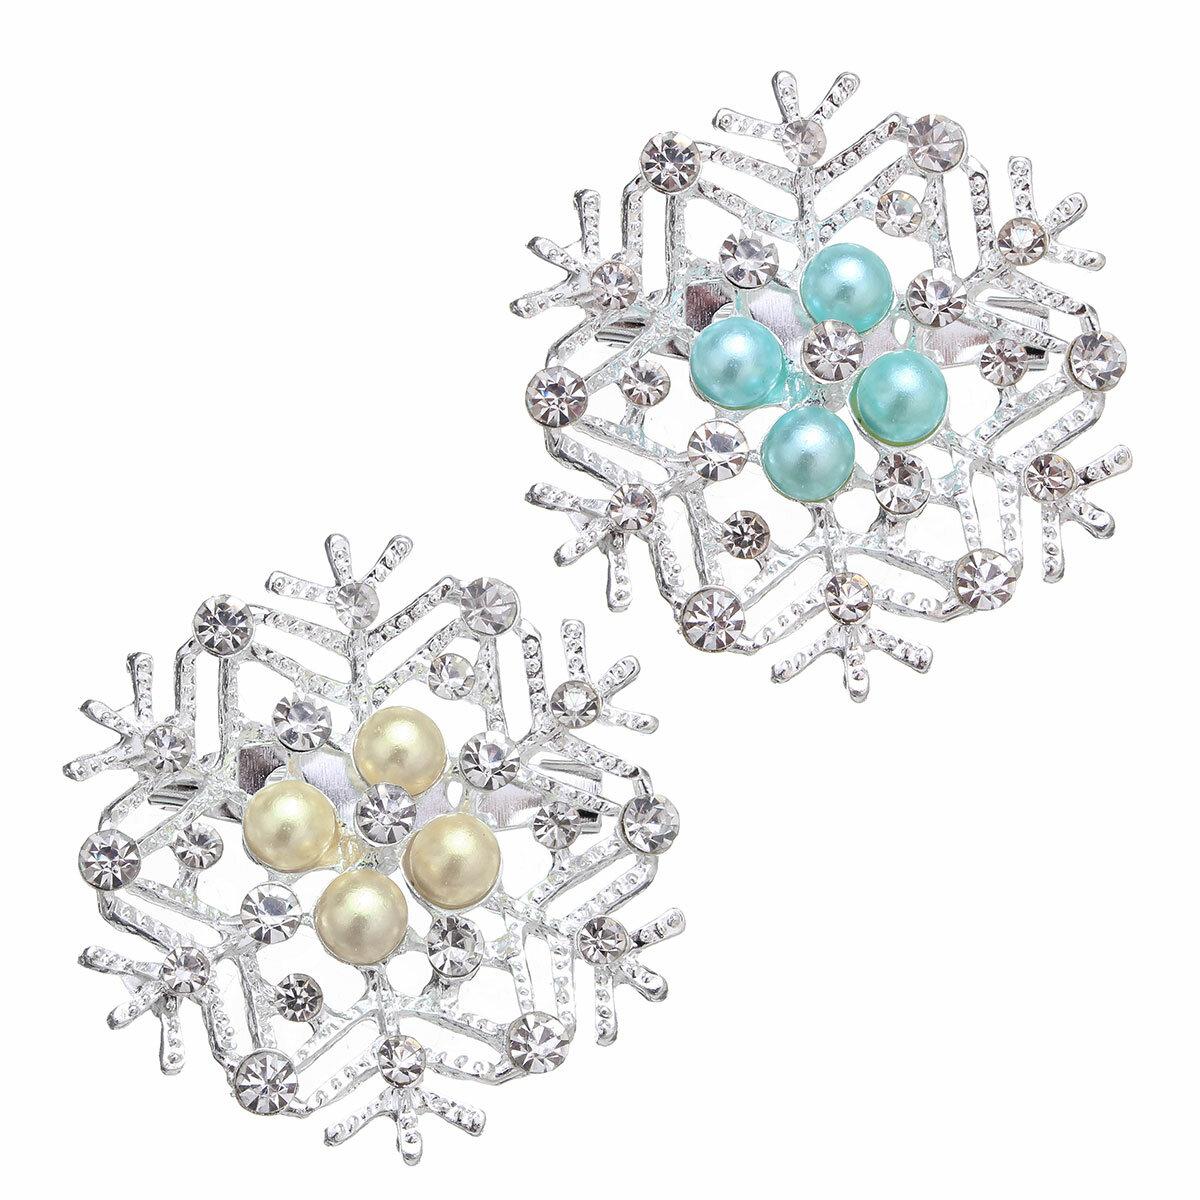 Giáng sinh Món quà đơn giản Ngọc trai rhinestone nhiều màu Bông tuyết Trâm